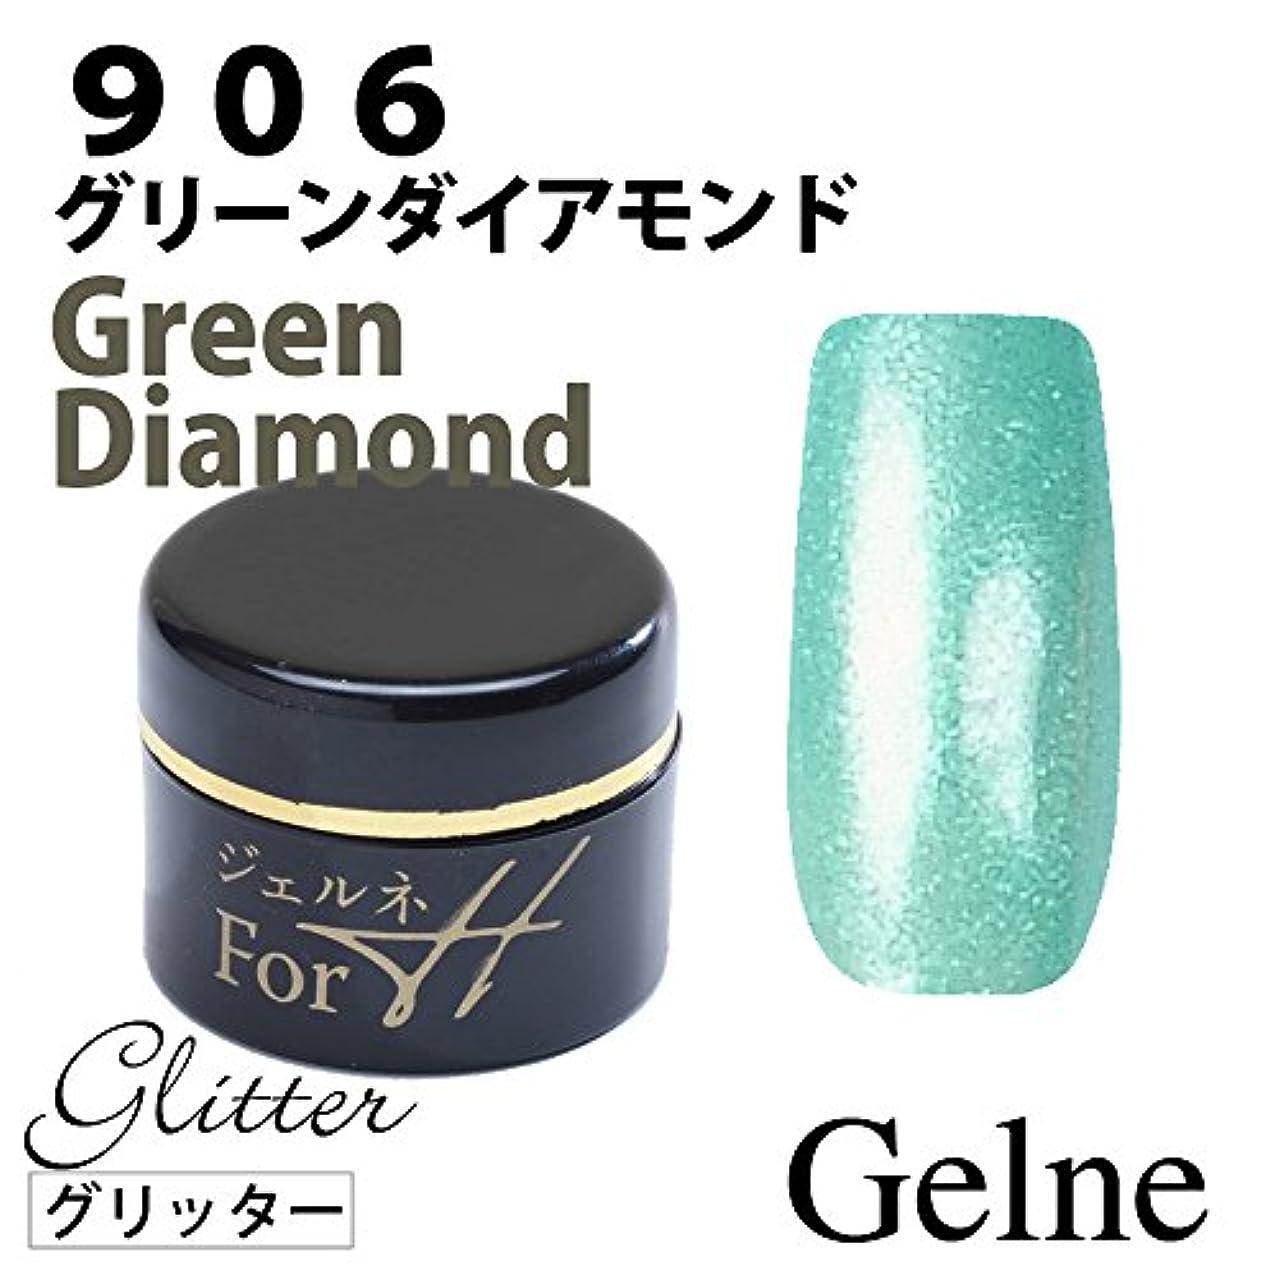 高く永久にるGelneオリジナル グリーンダイヤモンド カラージェル 5g LED/UV対応